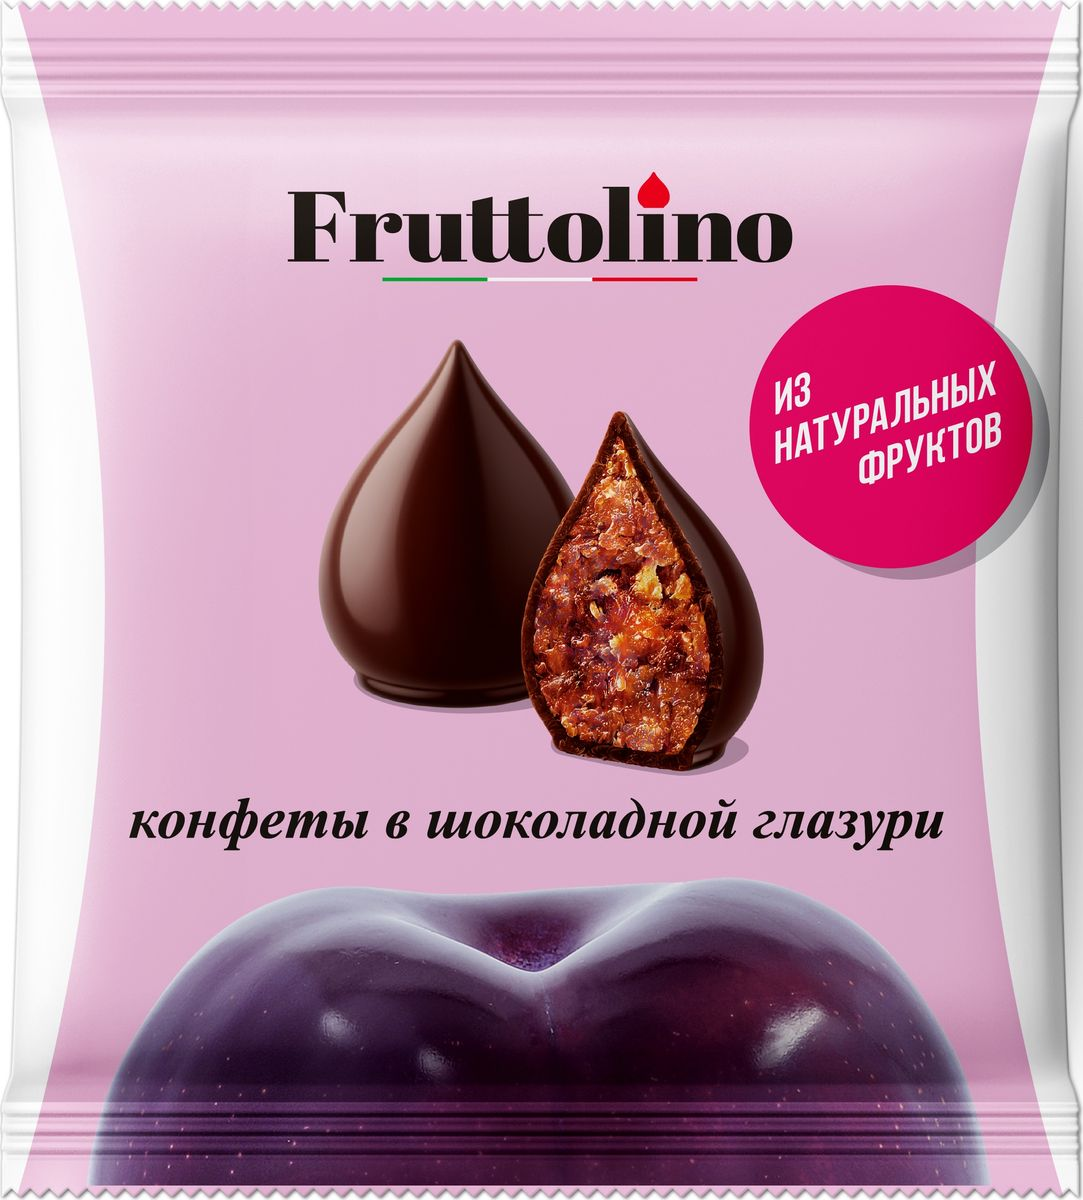 Fruttolino Чернослив конфеты, 140 г16.7408Сочные и душистые фрукты – основной ингредиент конфет Fruttolino, приготовленных из натуральных фруктов и покрытых превосходной шоколадной глазурью, созданной из отборных африканских какао-бобов.Конфеты Fruttolino прекрасно заменят привычные